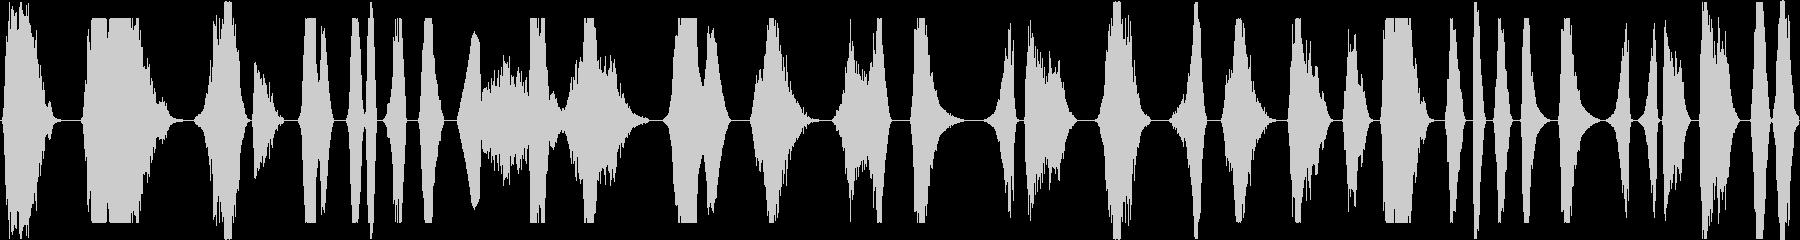 大きなピッチの金属桁スライド、低ス...の未再生の波形